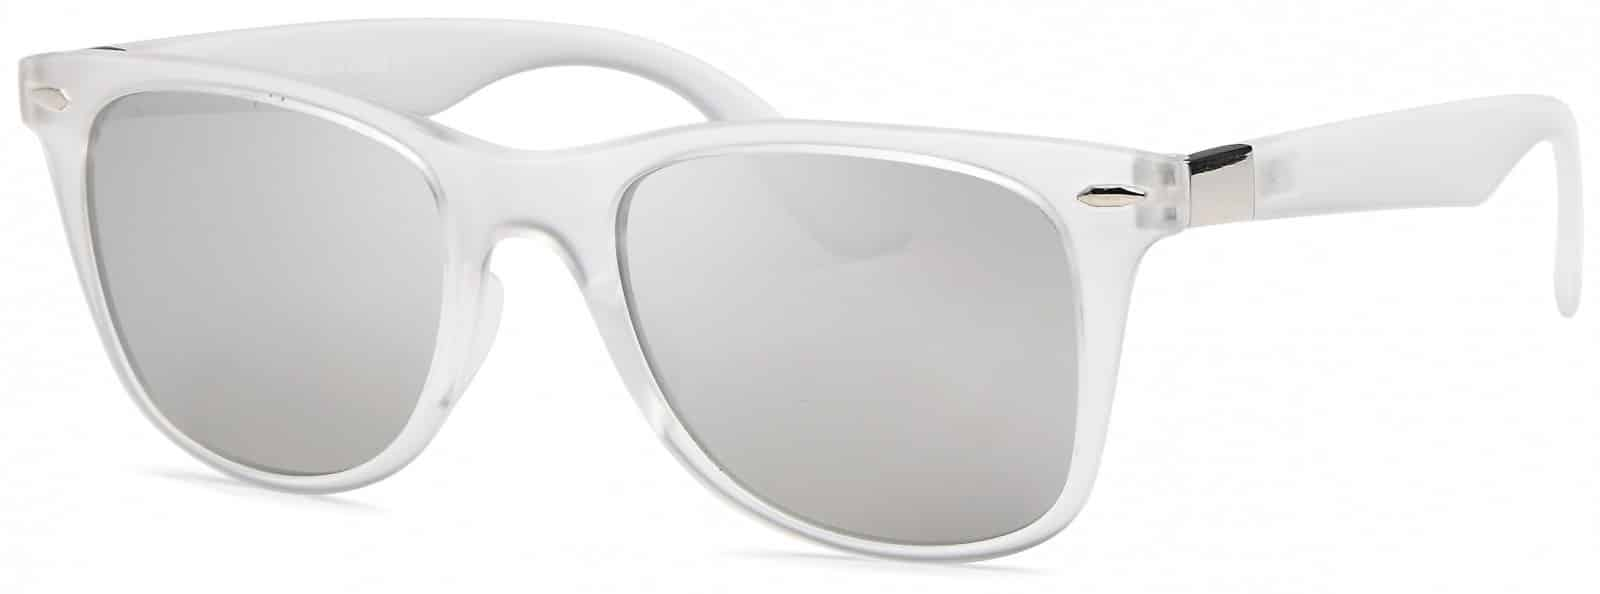 White Wafer Sunglasses